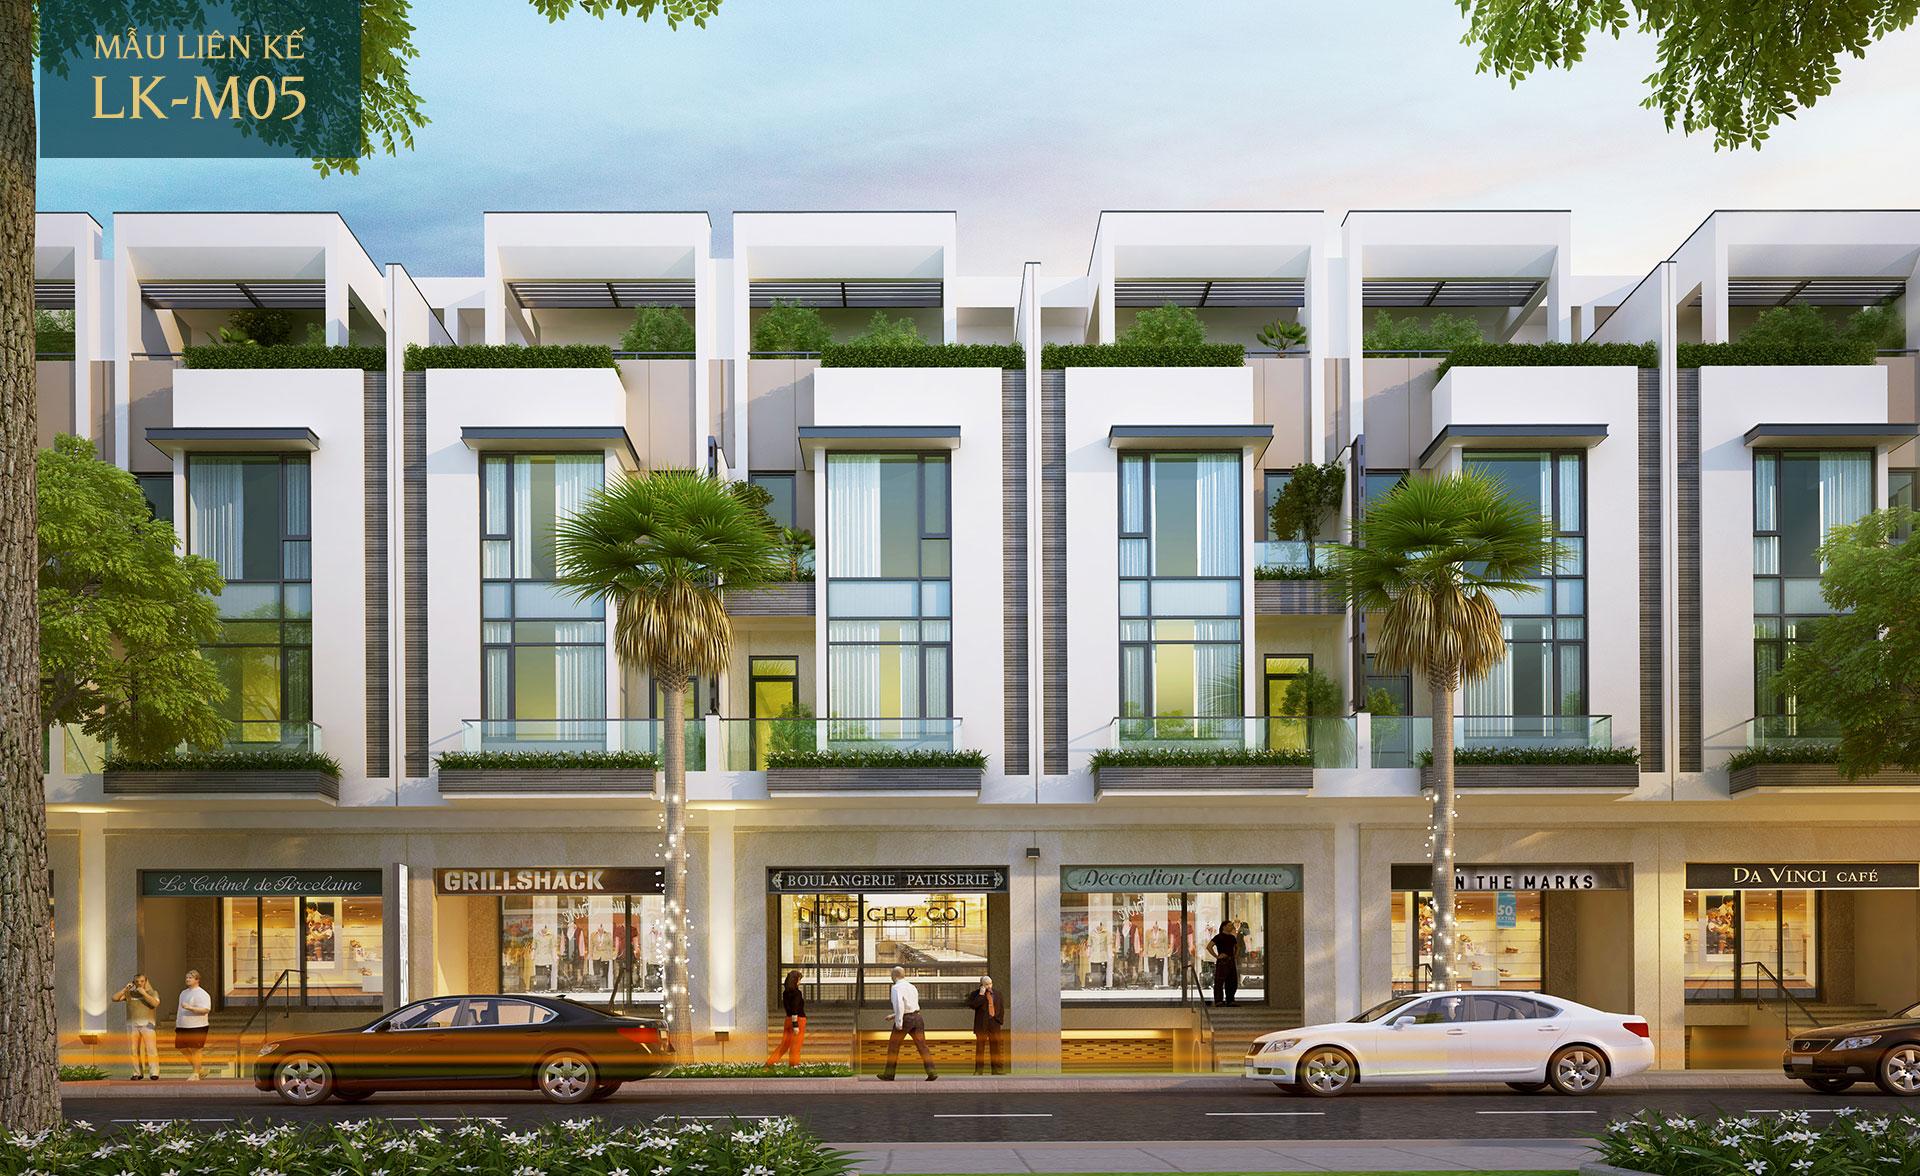 Mẫu nhà phố liên kế LK-M05 Saigon Mystery Villas Quận 2